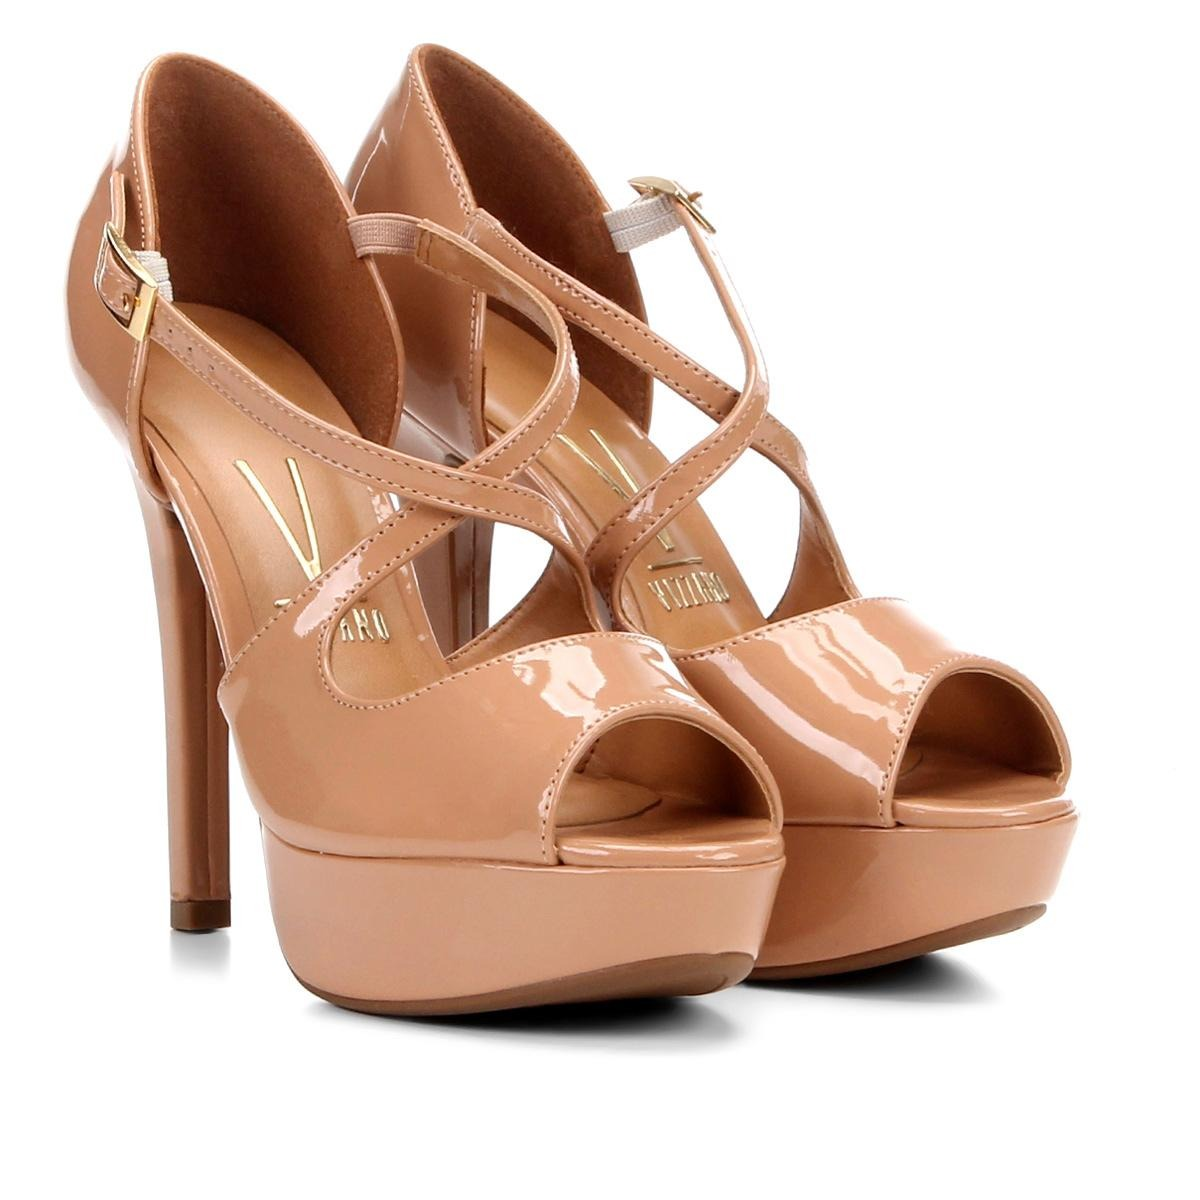 3e09c7695d sandália meia pata em verniz vizzano salto alto feminina. Carregando zoom.